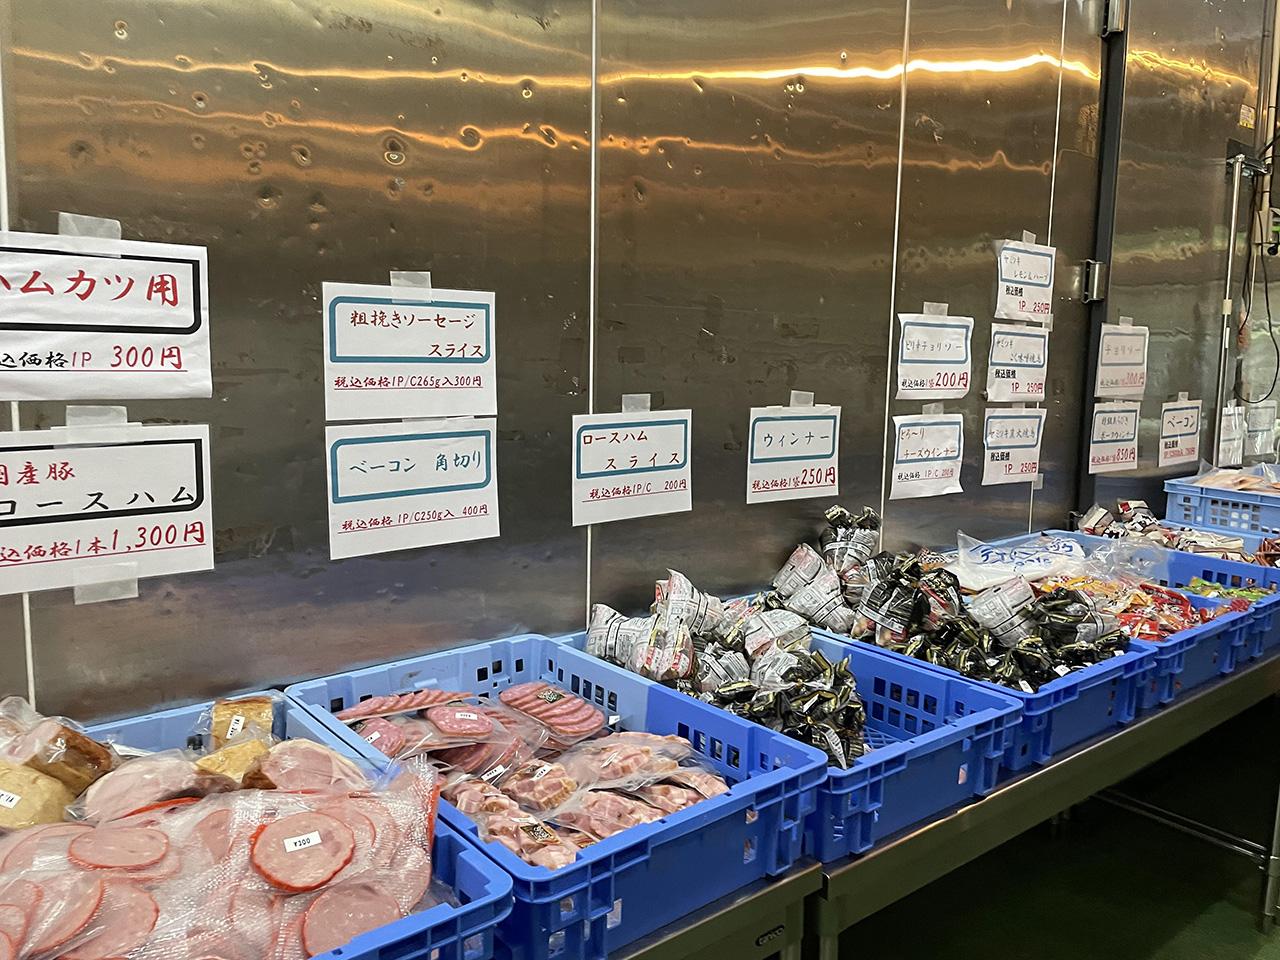 冷凍庫に陳列された商品の写真2